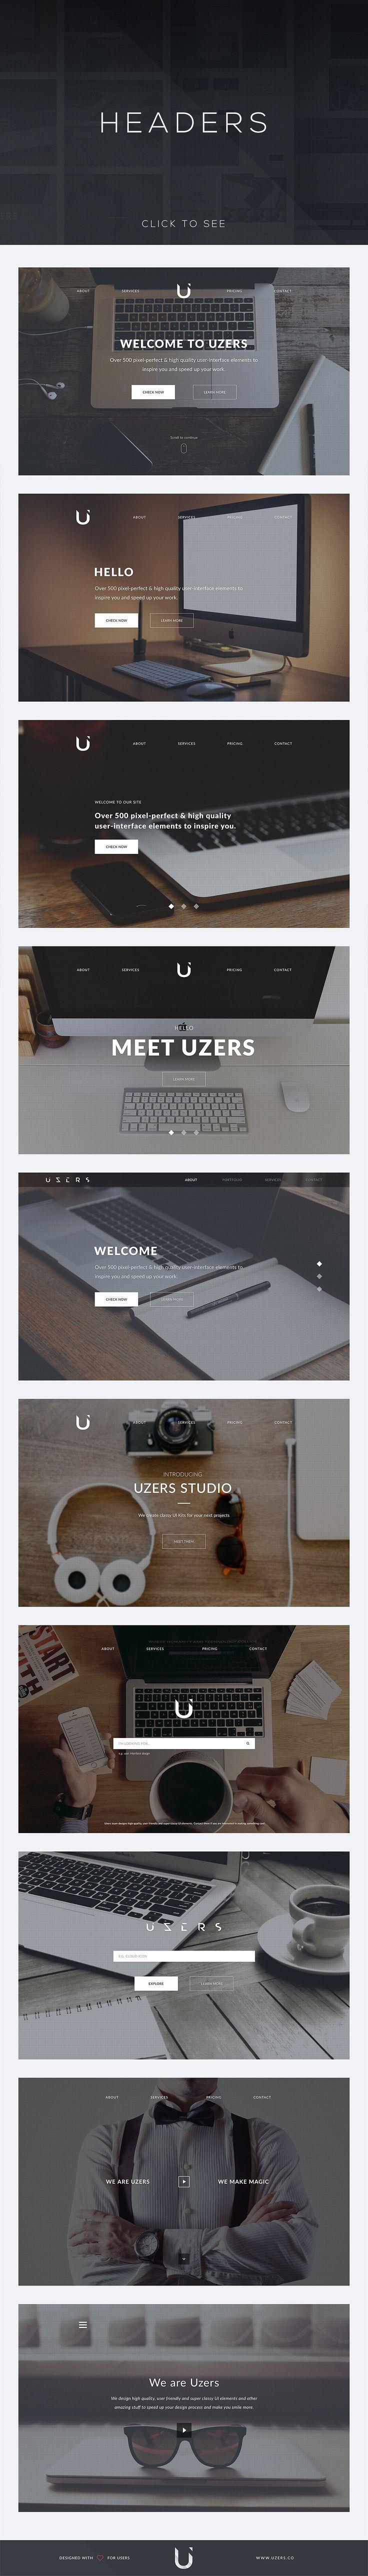 76 best Design images on Pinterest